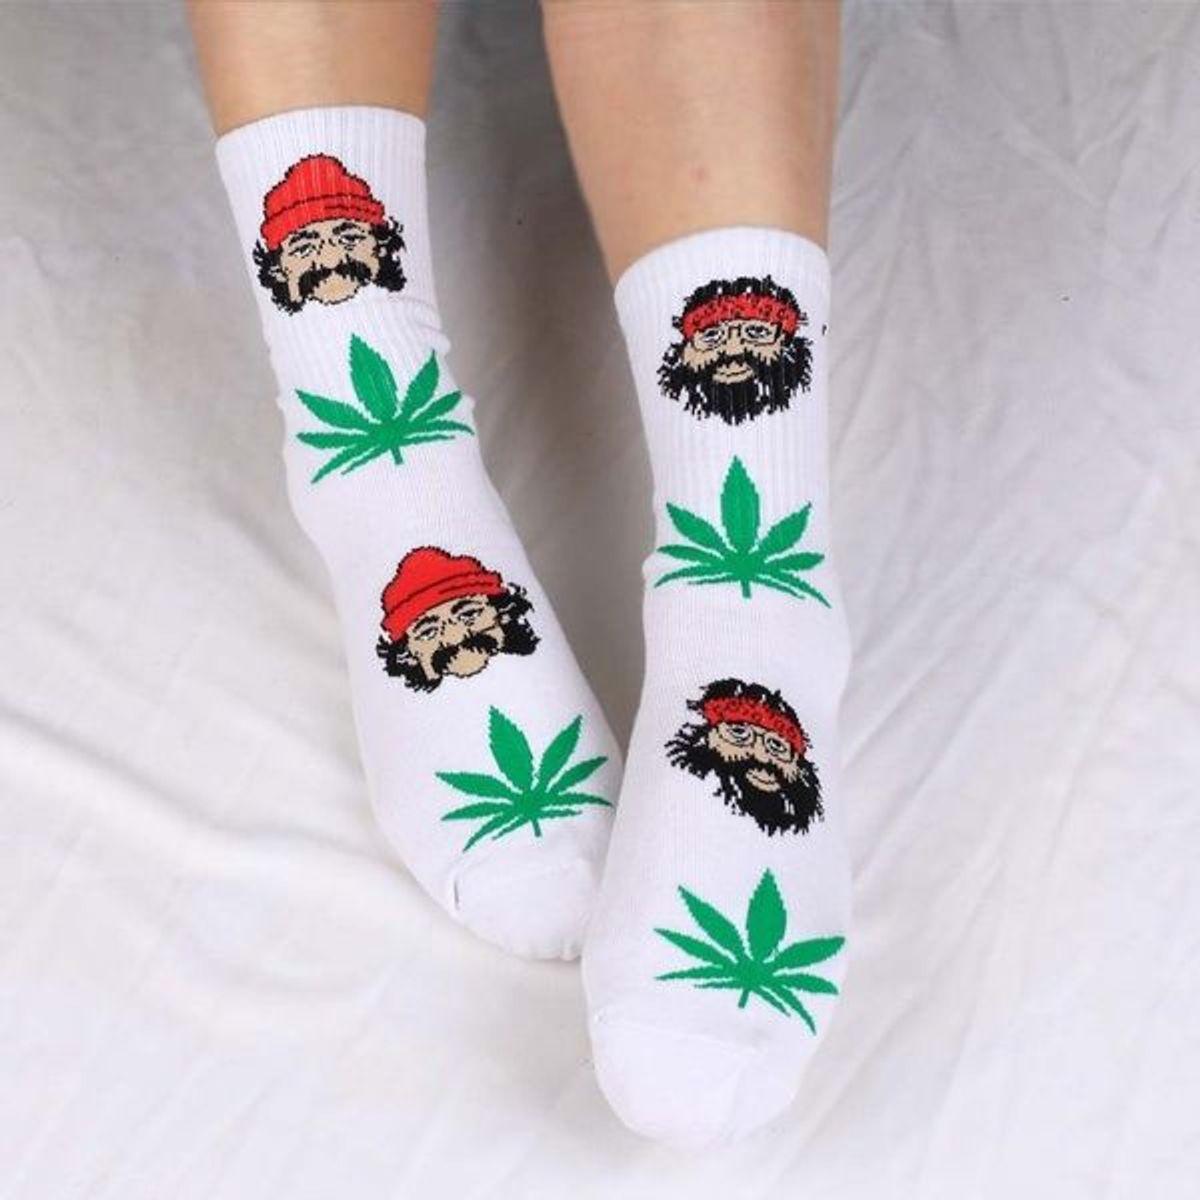 meia cheech&chong - outros cannabis